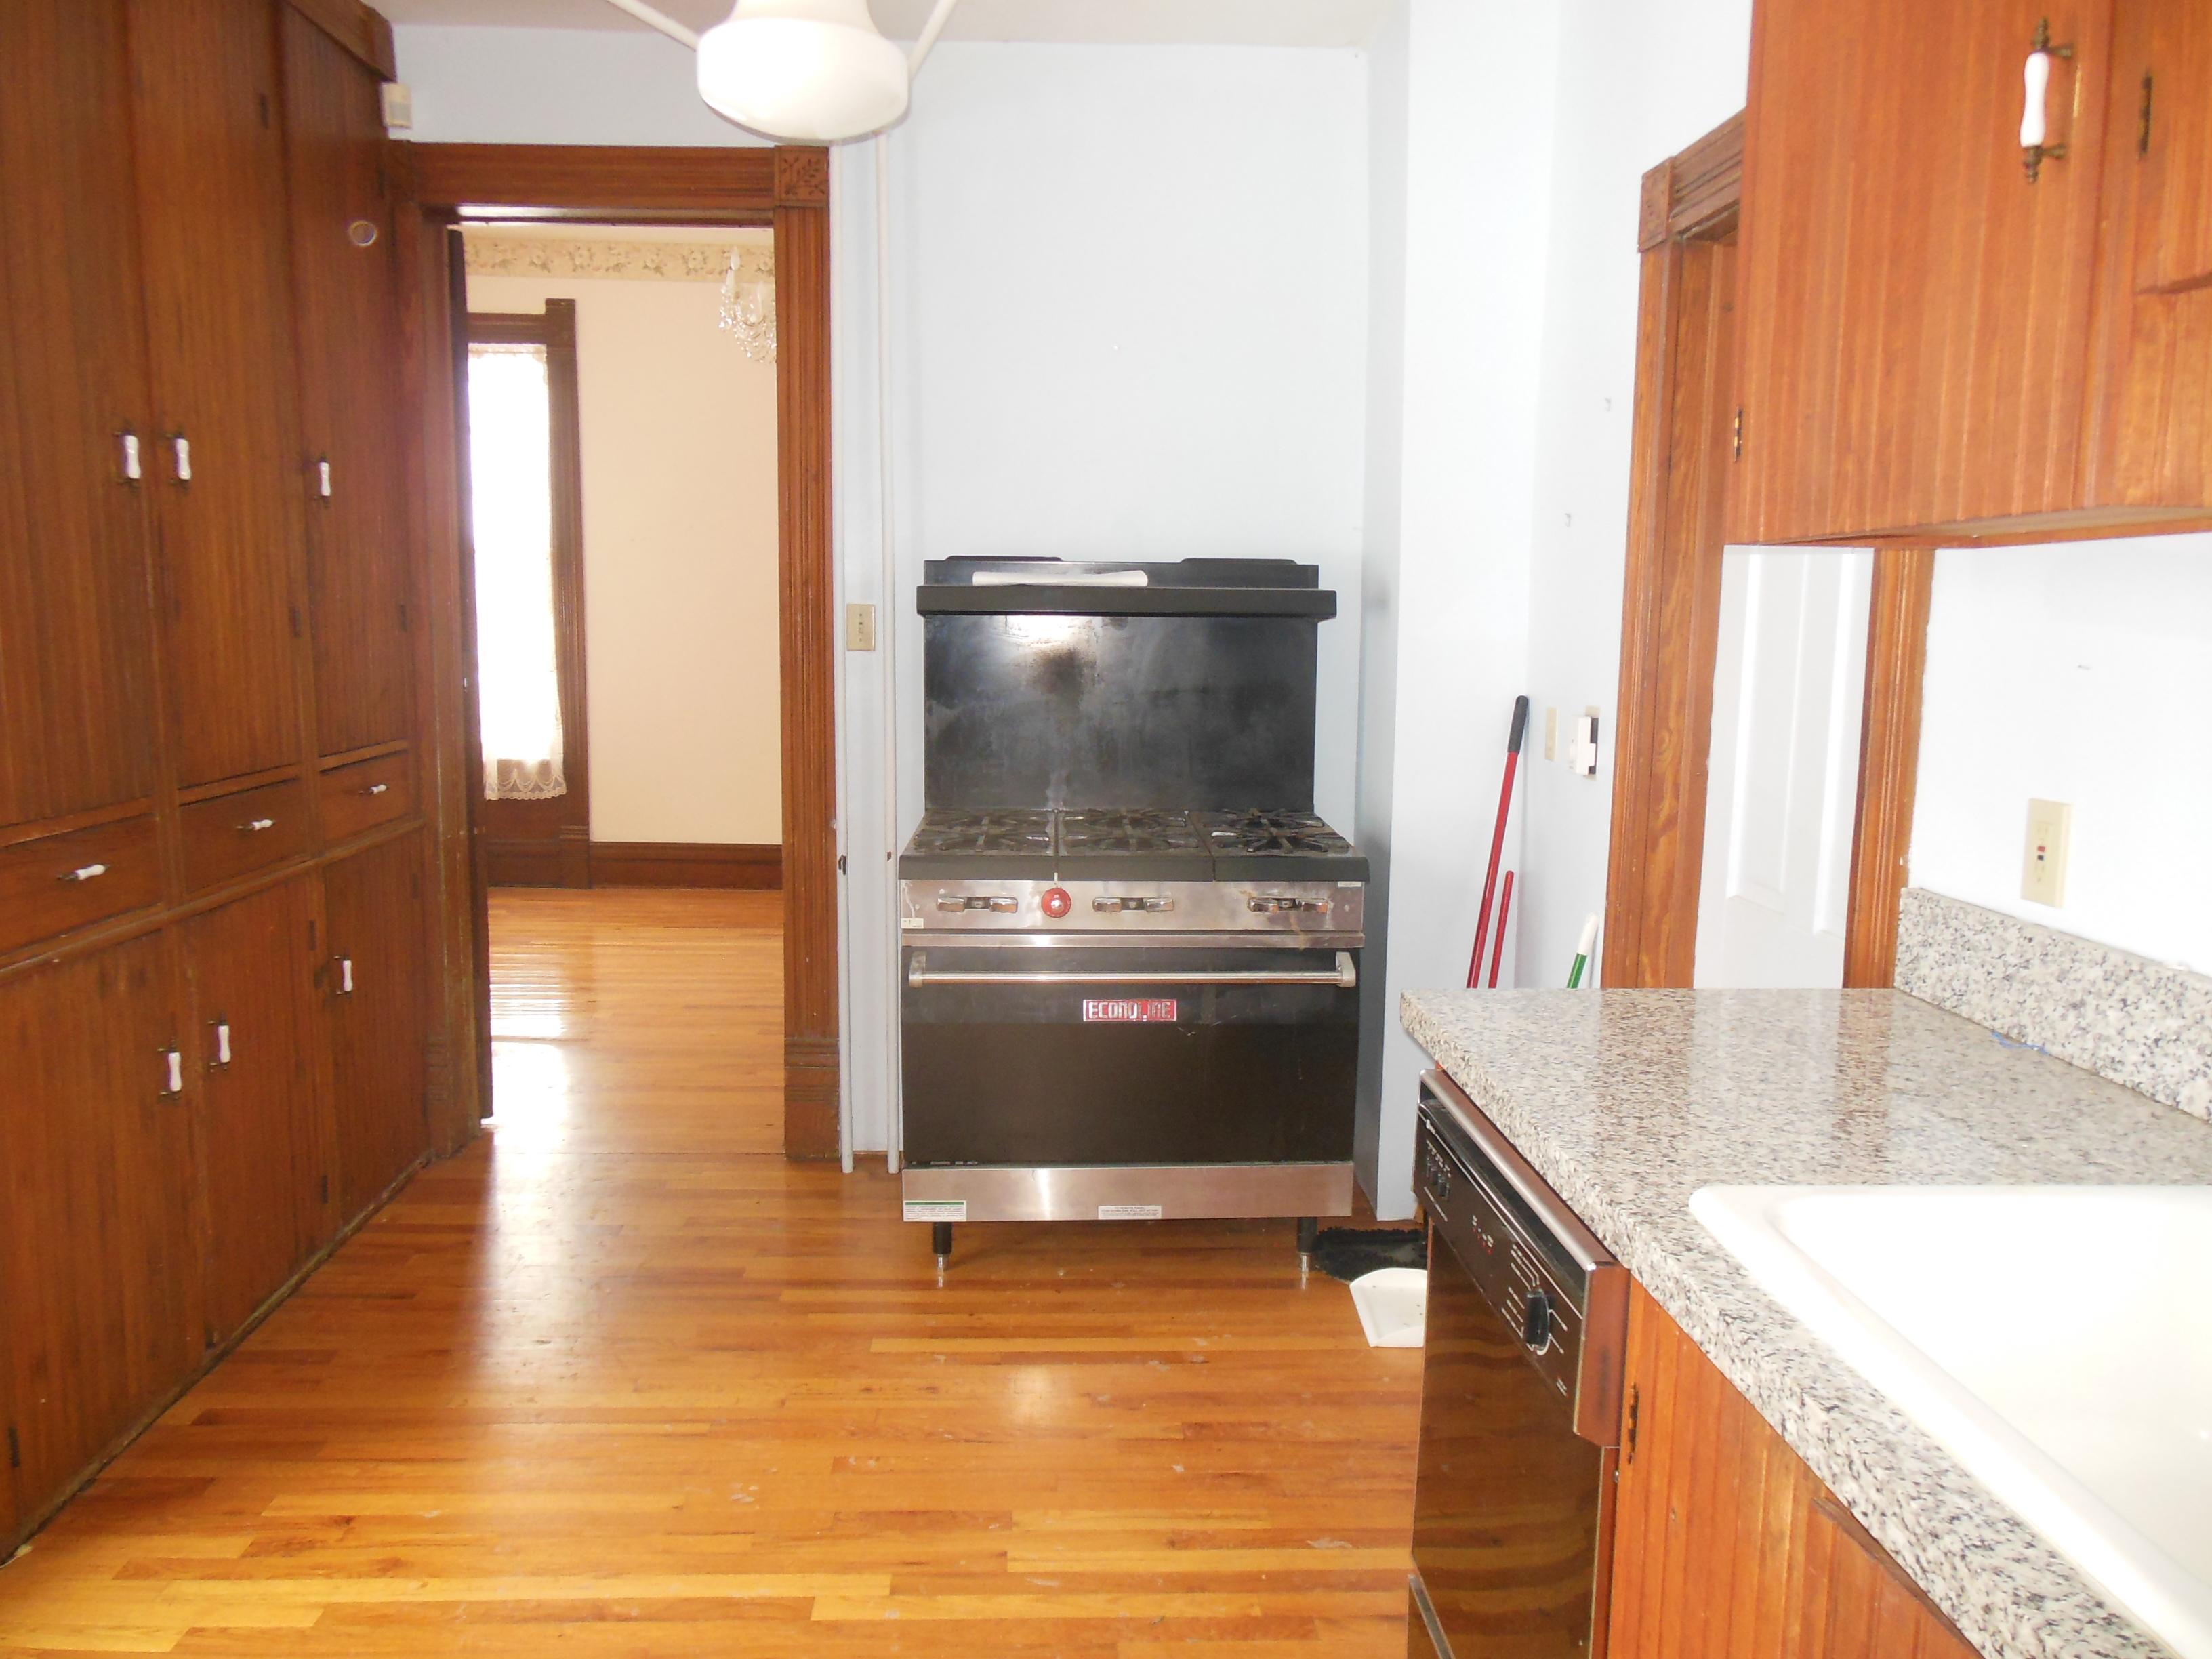 509 Normal, Kitchen